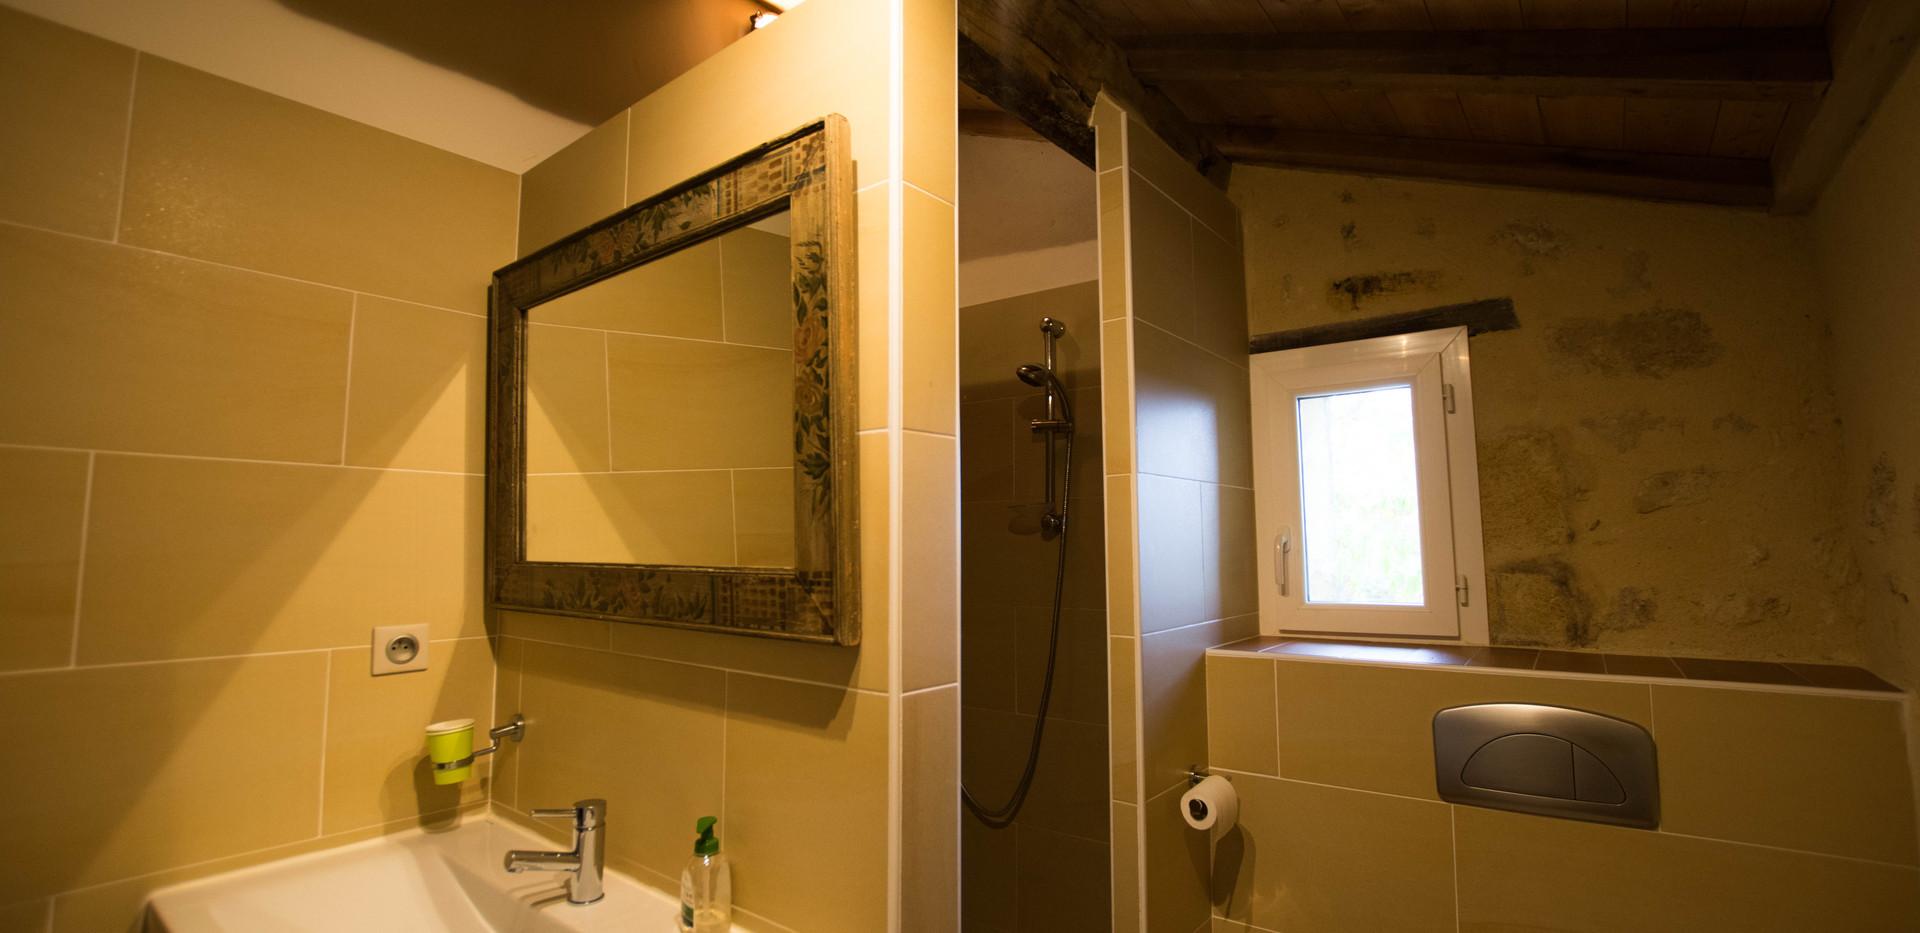 Chambre de la douche - salle de bain avec douche